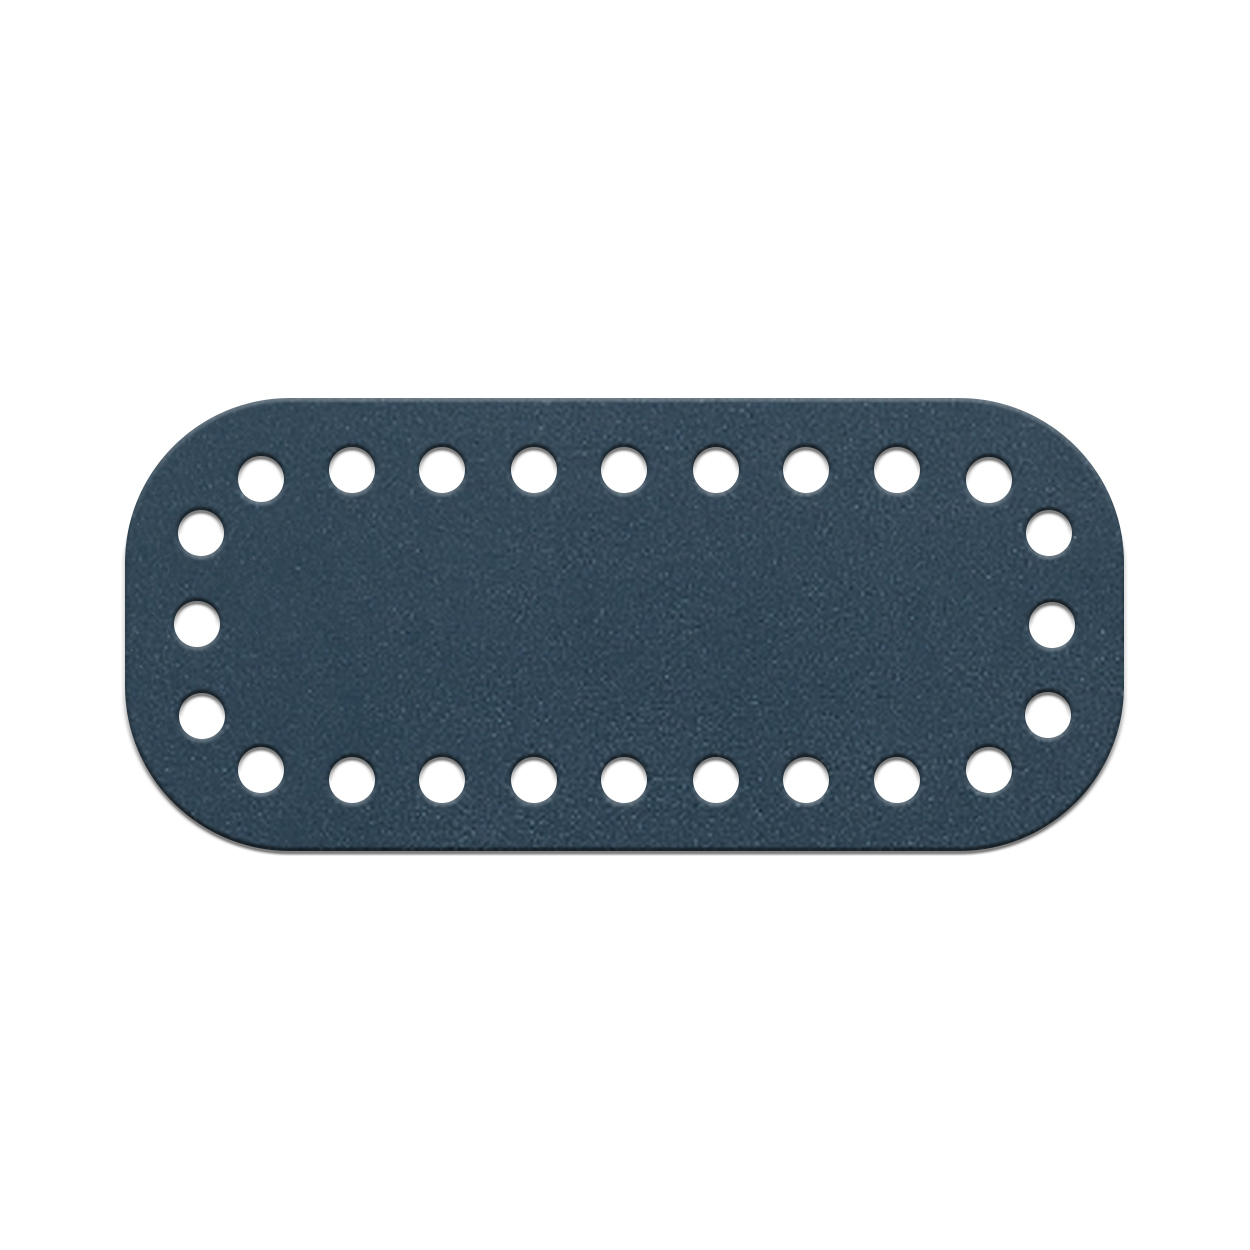 Кожа - Дно для сумки мини 5 х 11 см. Navy blue